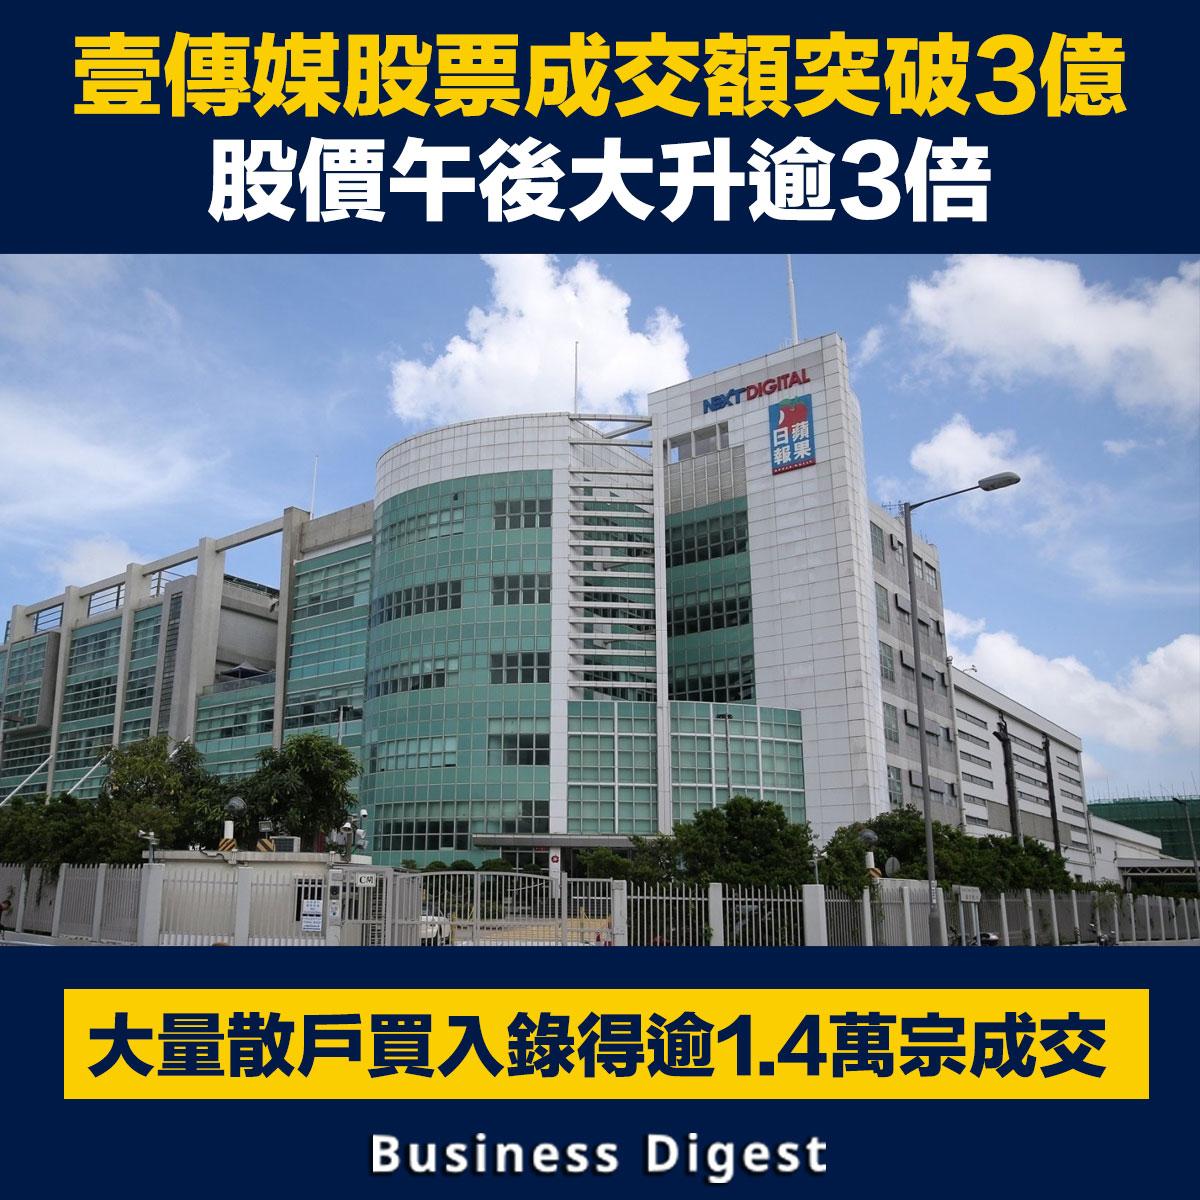 【商業熱話】壹傳媒股票成交額突破3億,股價午後大升逾3倍